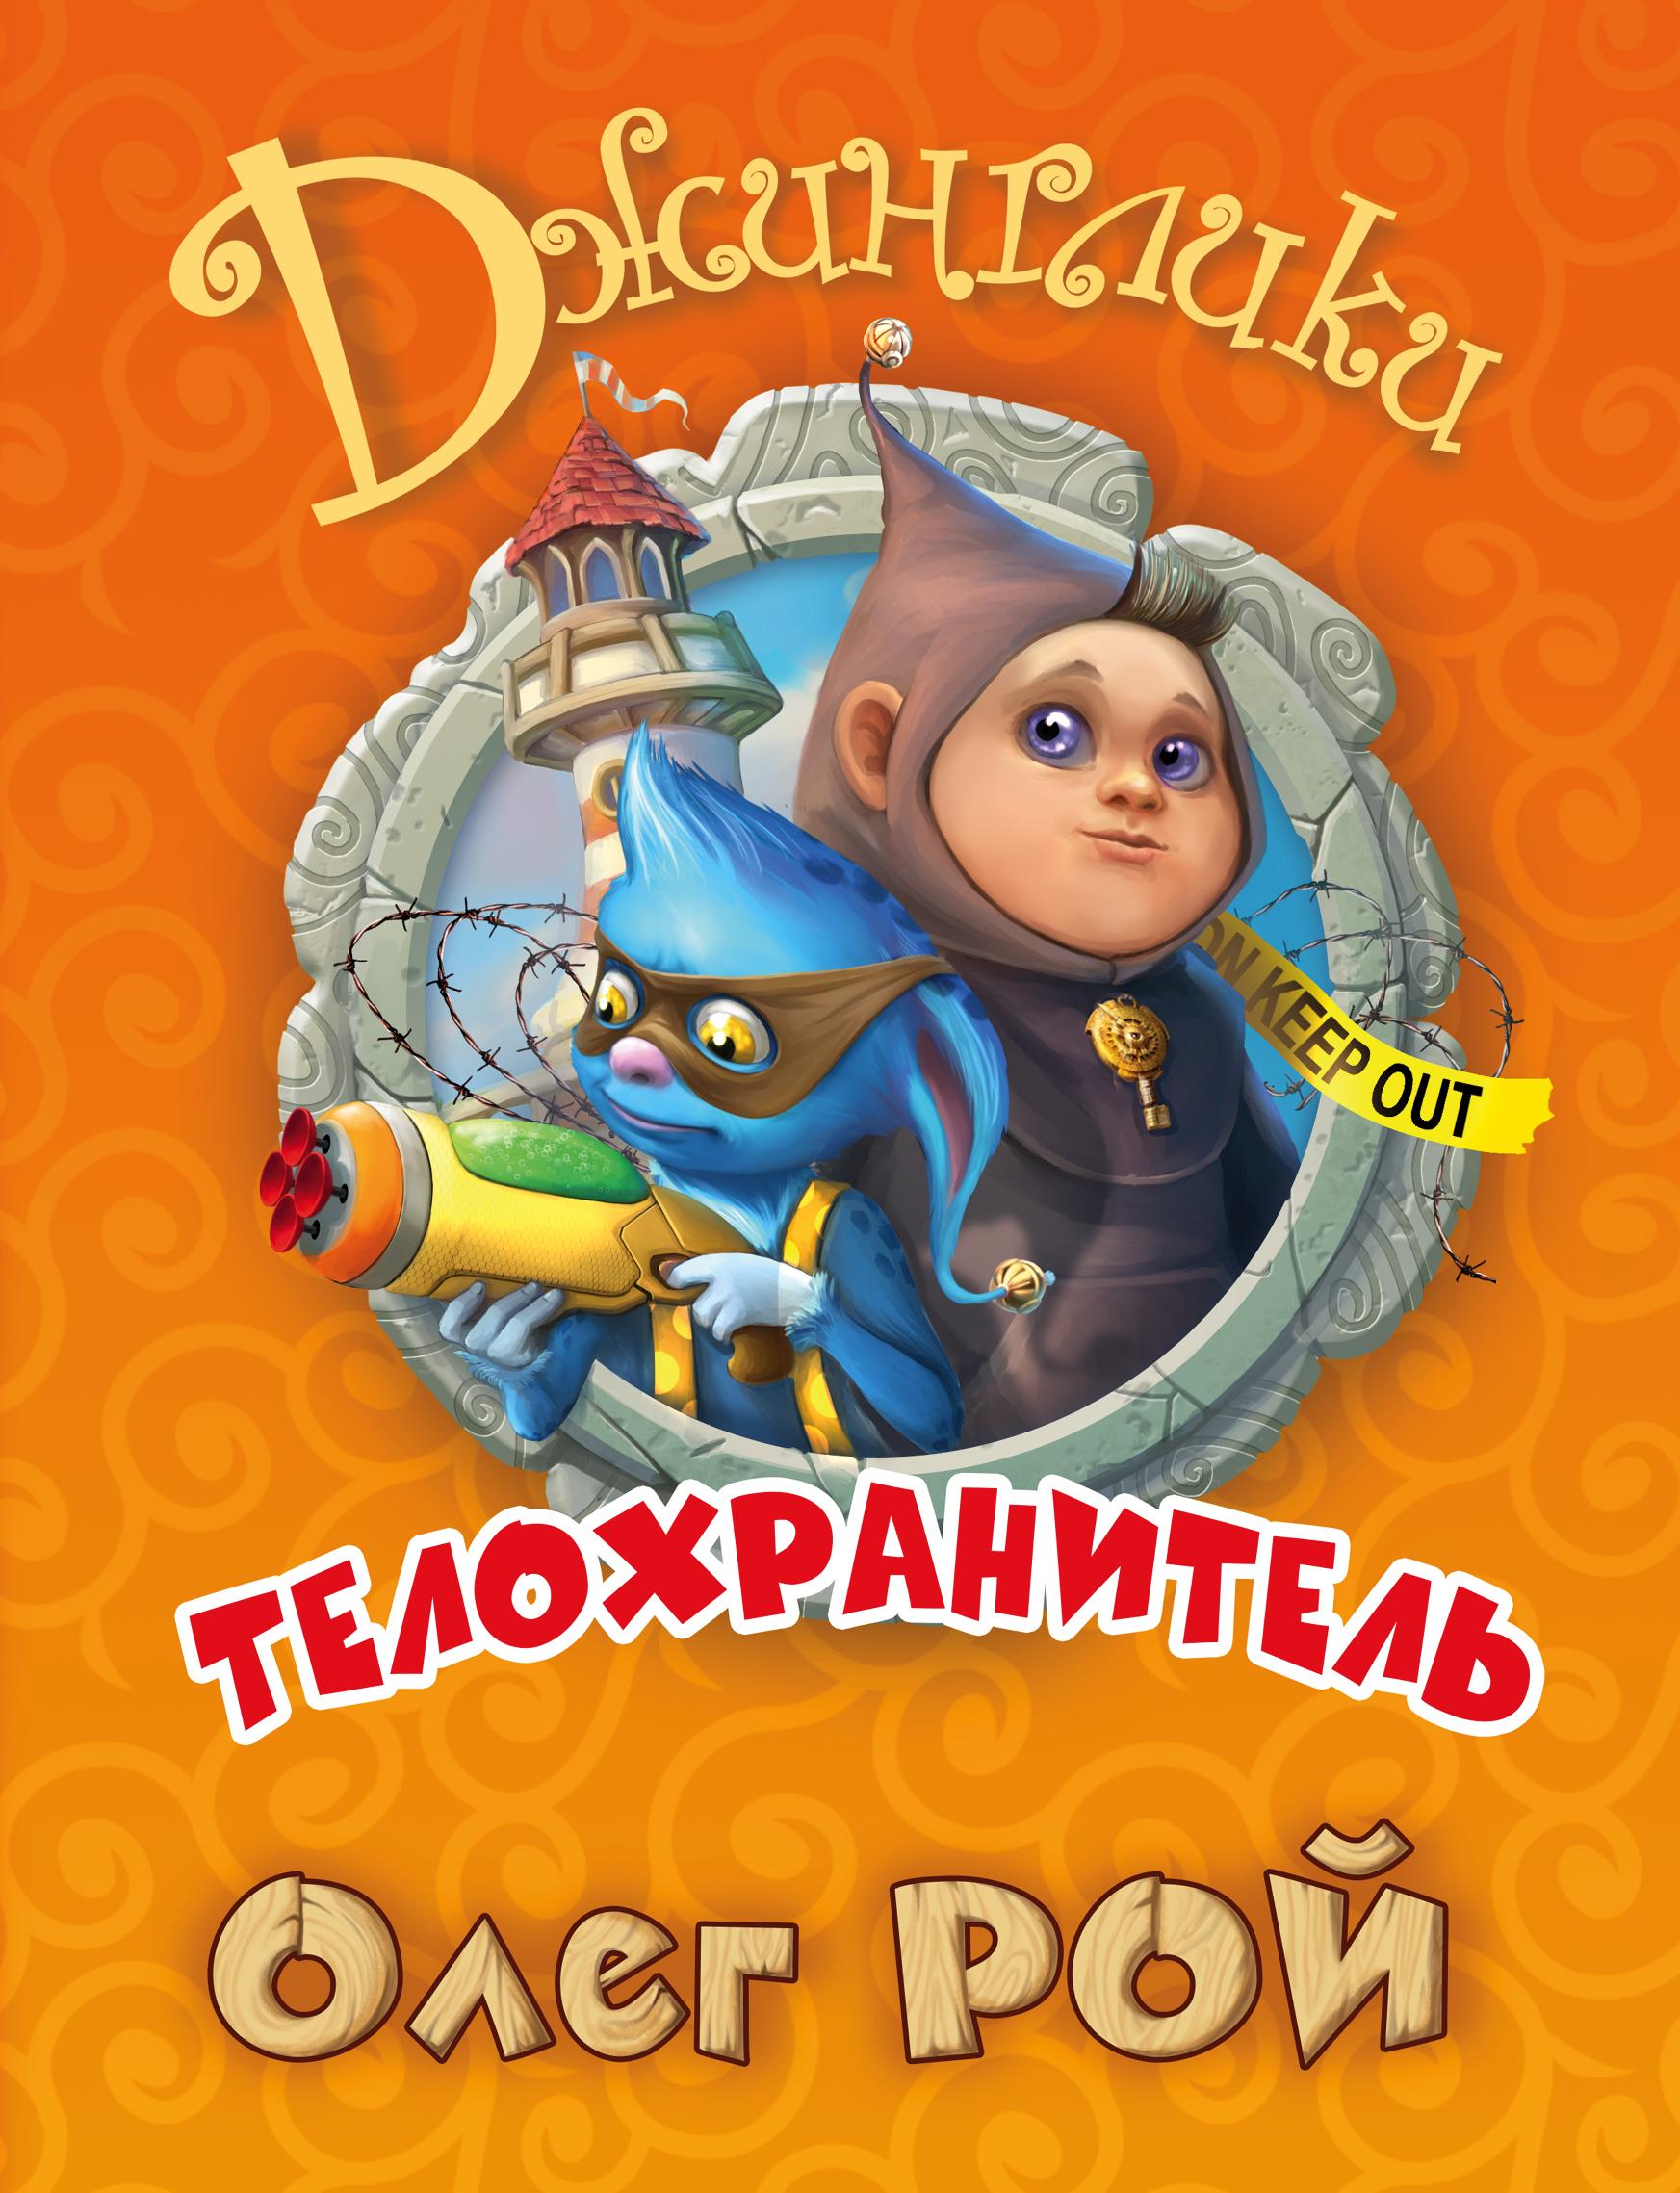 Рой Олег Телохранитель